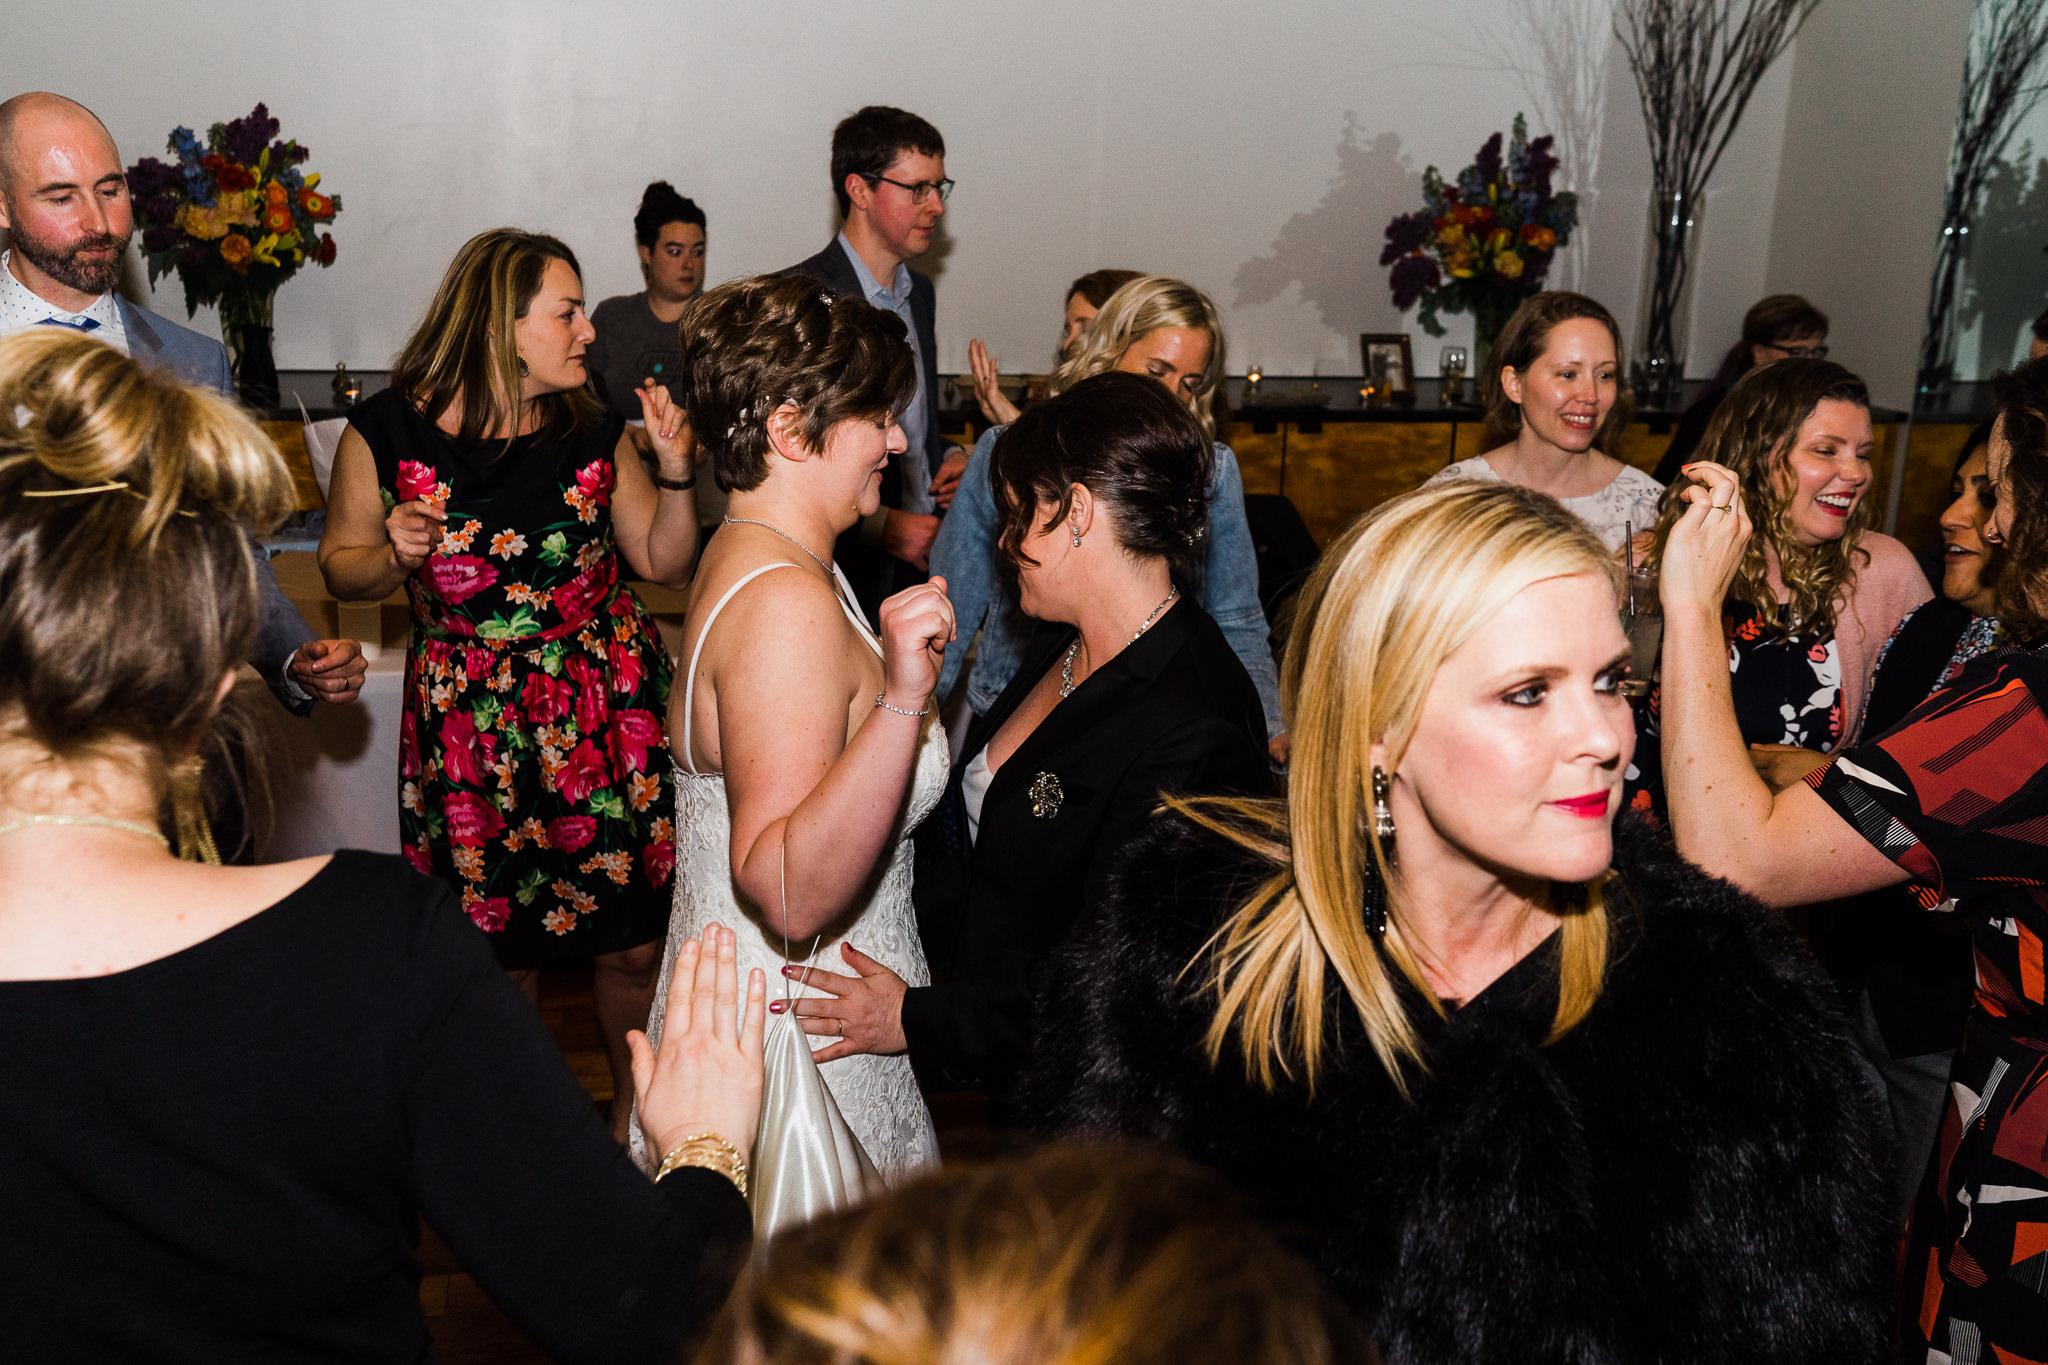 LGBQ Party Degrees Wedding Reception